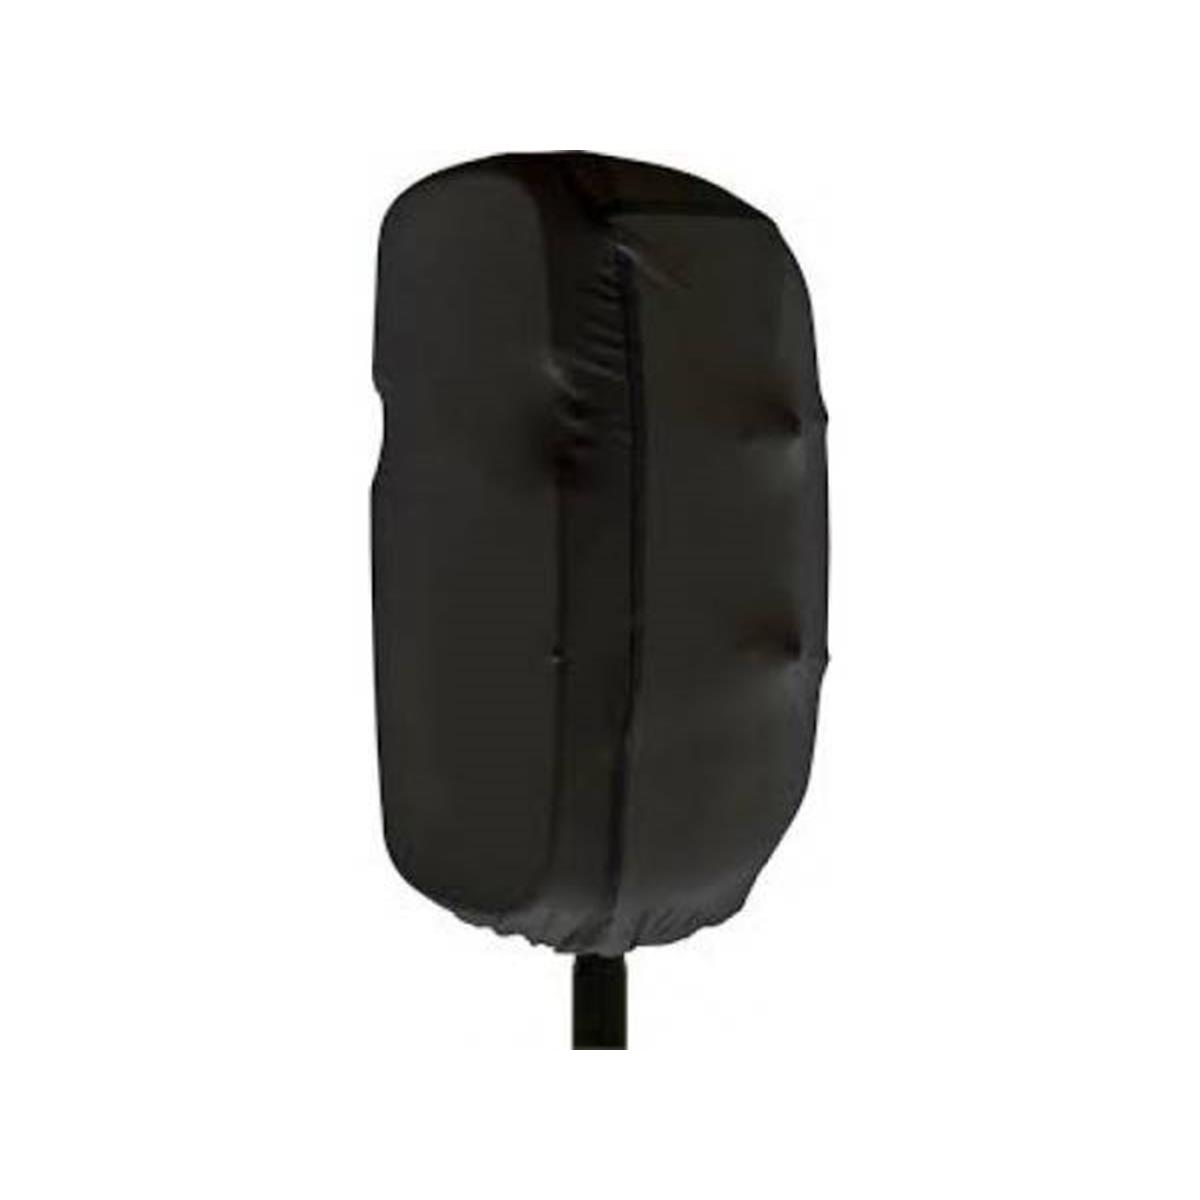 Gator-Cases-GPA-STRETCH-15-W-cover-elastica-per-diffusore-15-sku-2759752001011